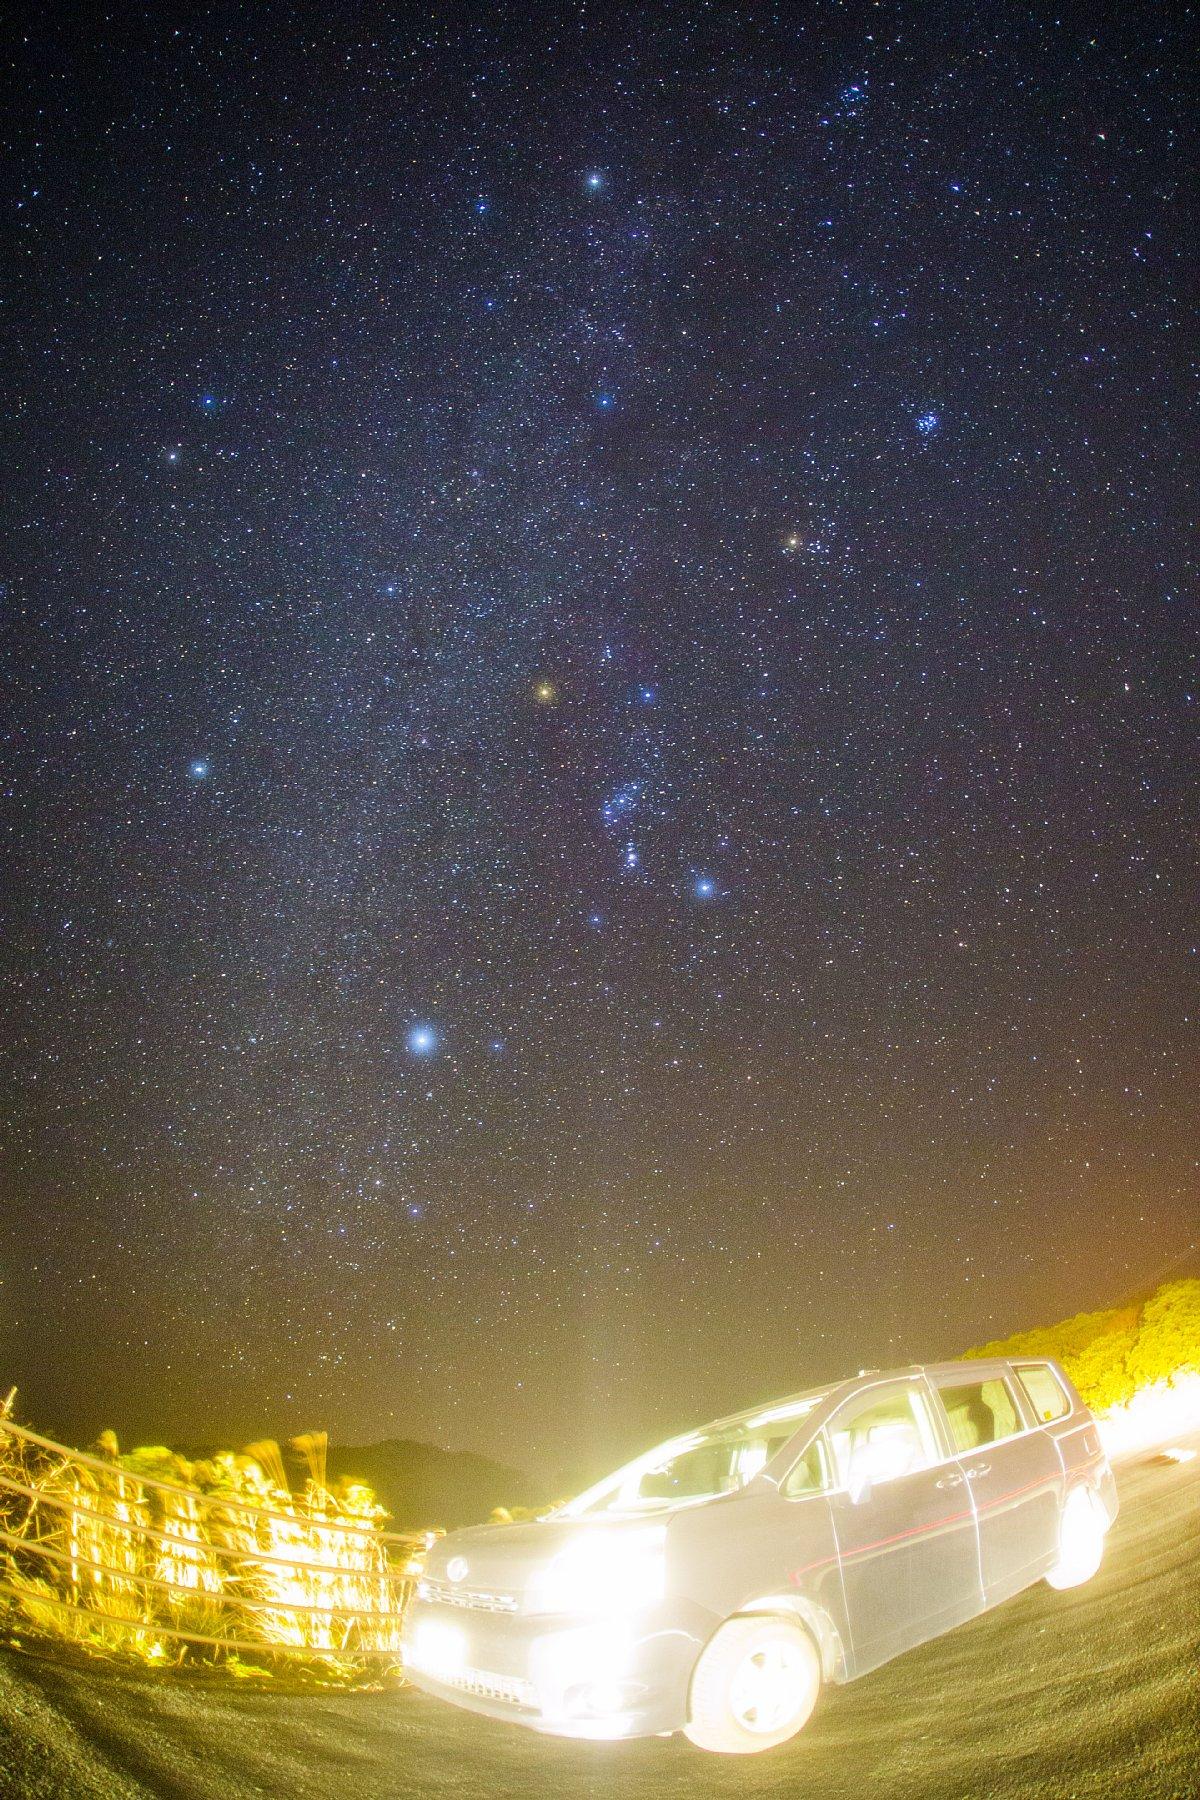 【星景】冬のダイヤモンドとトヨタ車が時空間ワープする瞬間